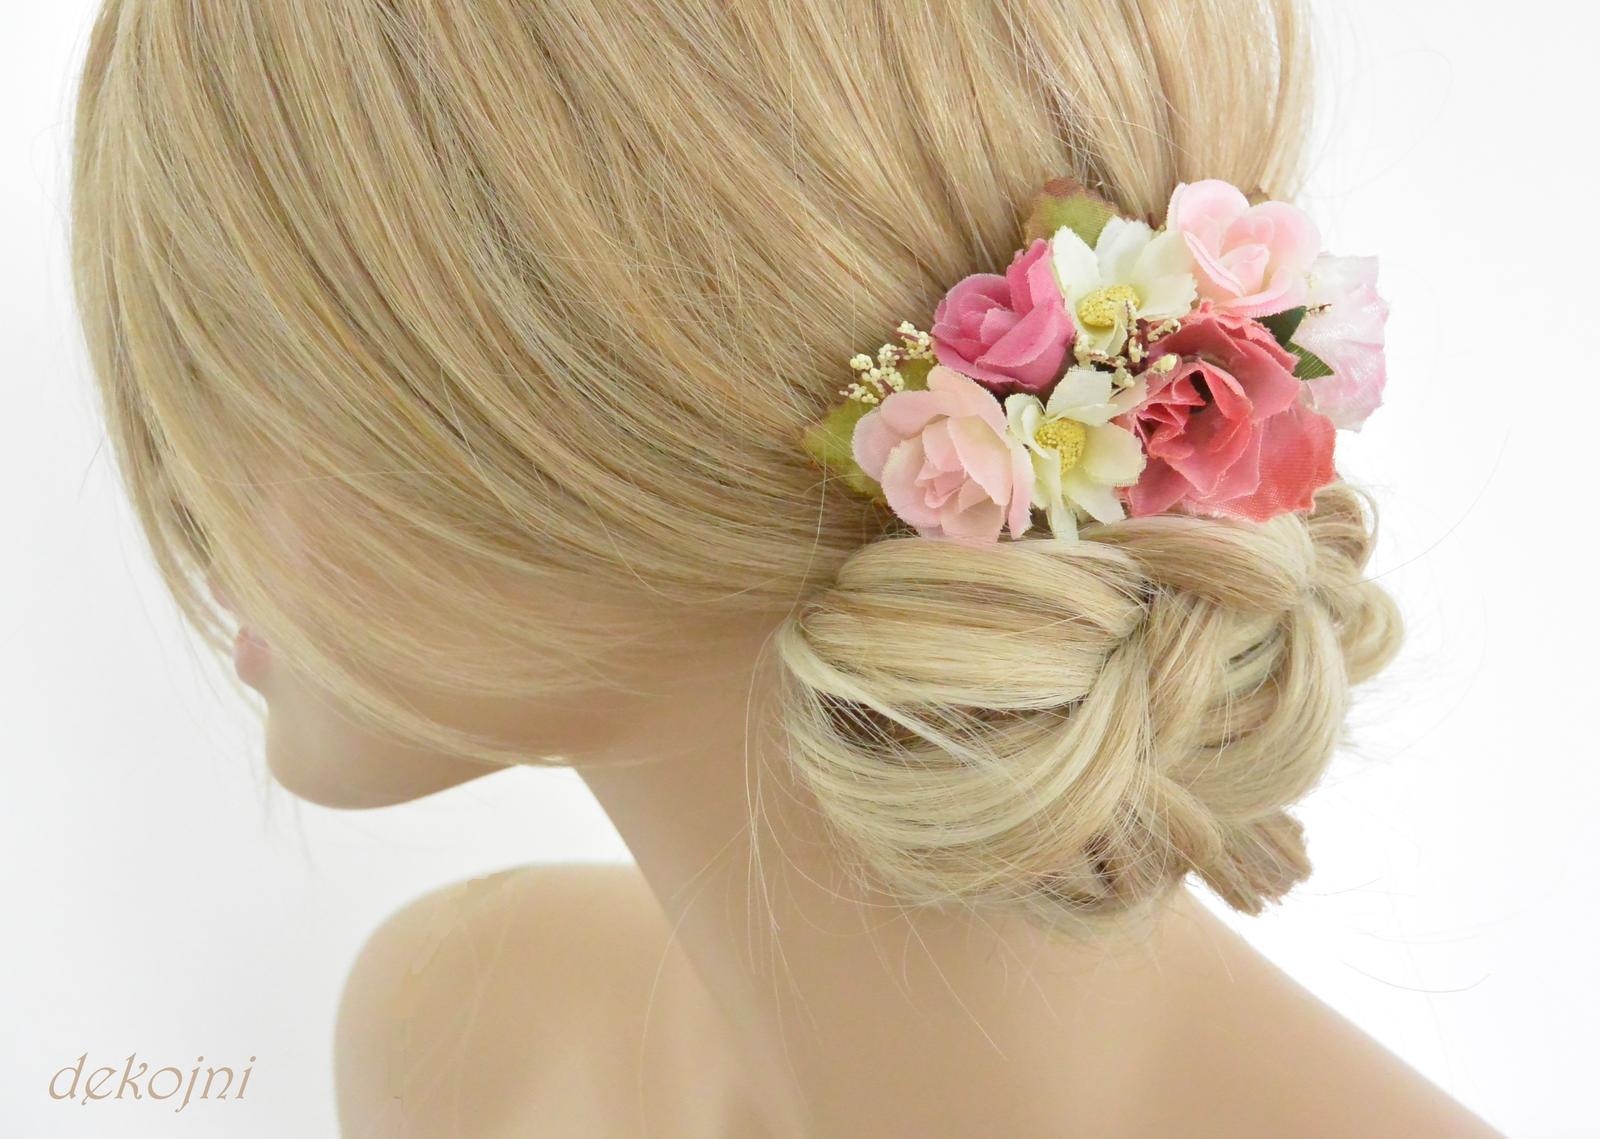 Svatební hřebínek do vlasů - Obrázek č. 1